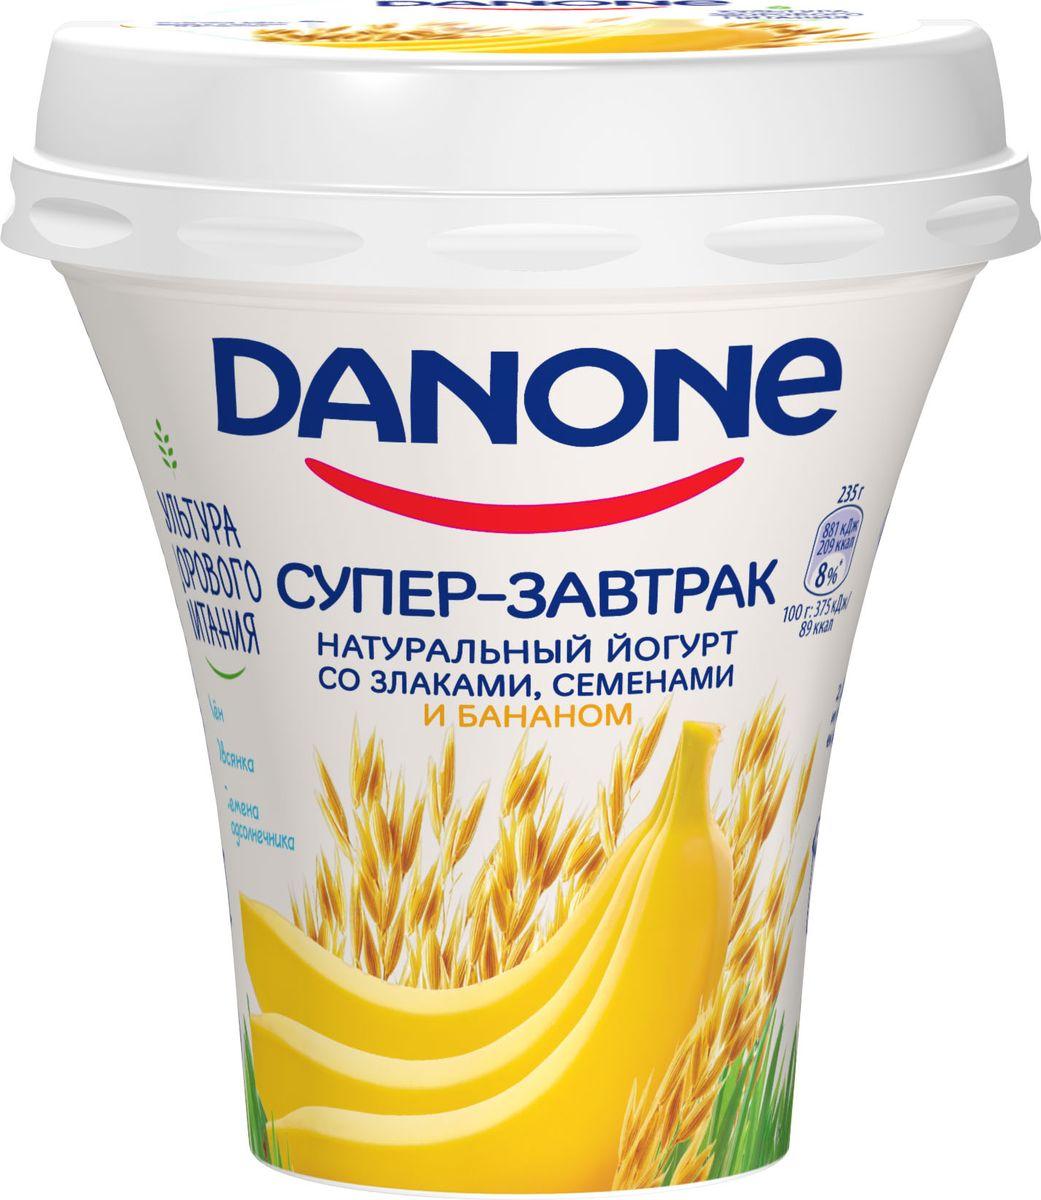 Danone Супер-завтрак Йогурт питьевой Злаки, Семена И Банан 2,6%, 235 г danone йогурт питьевой черника ежевика 2 1